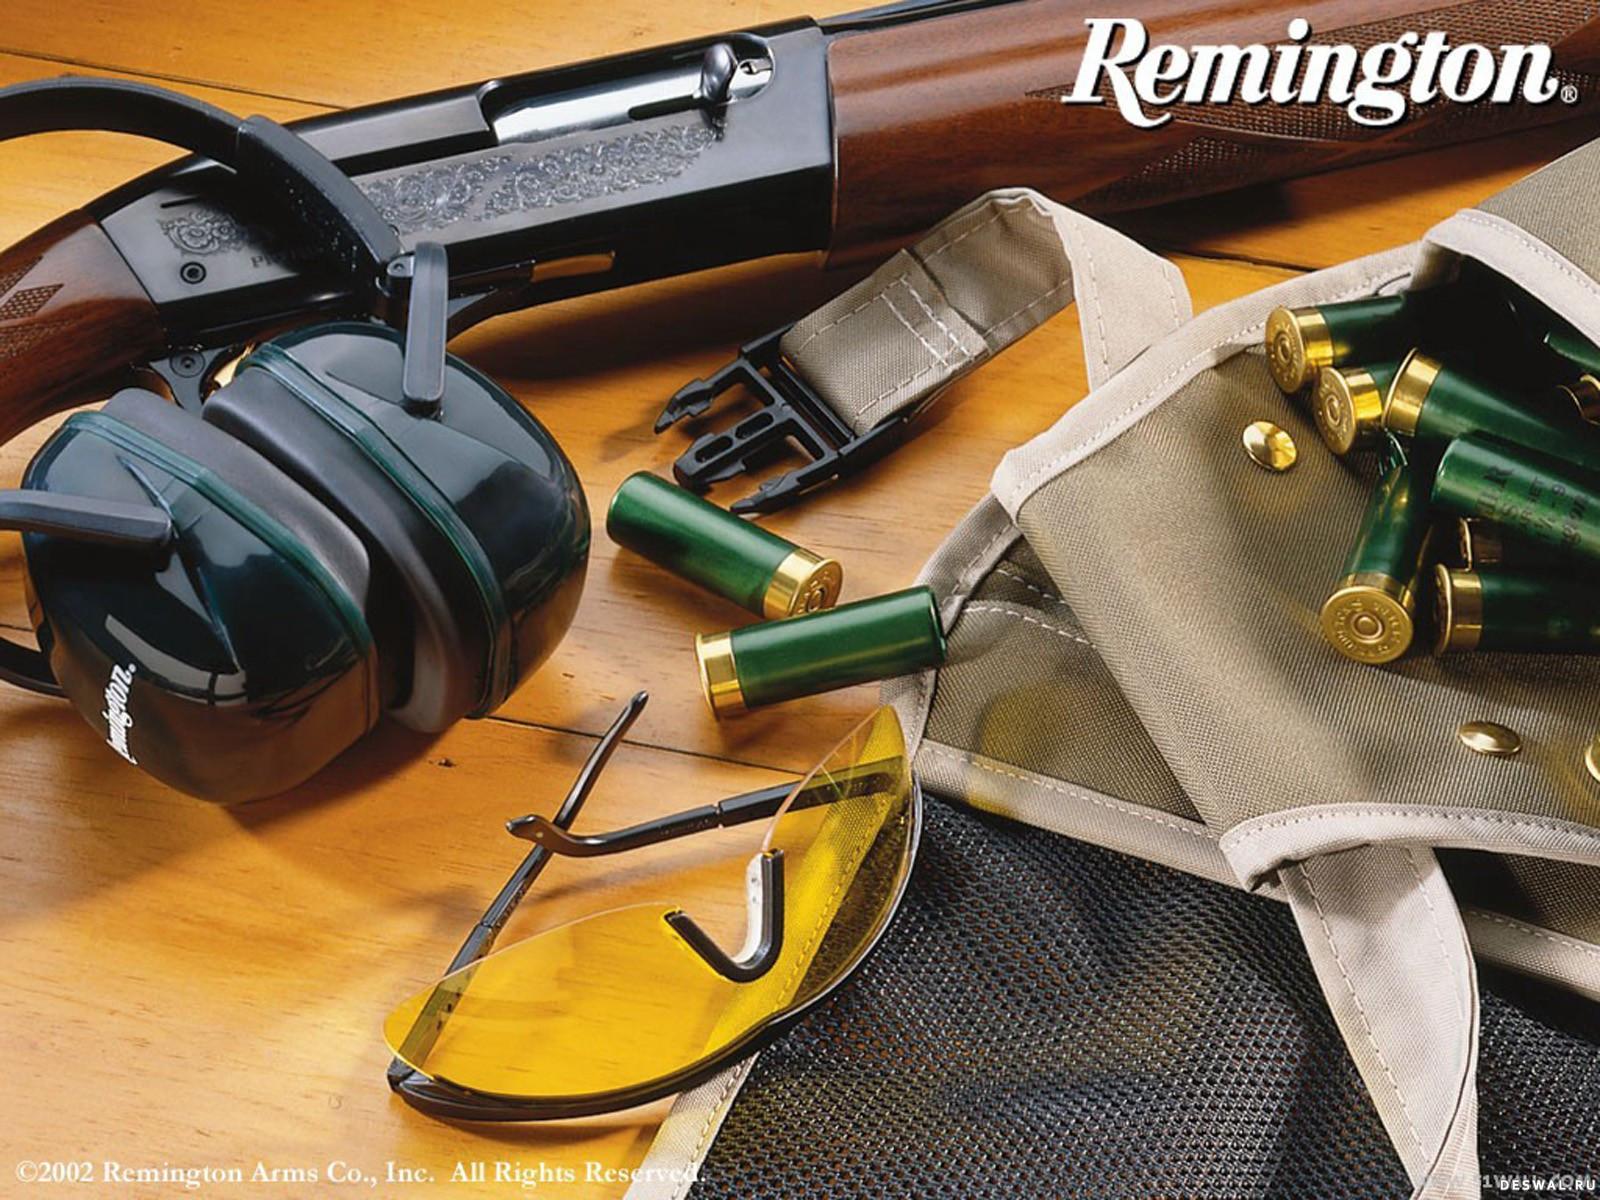 Фото 137. Нажмите на картинку с обоями оружия, чтобы просмотреть ее в реальном размере